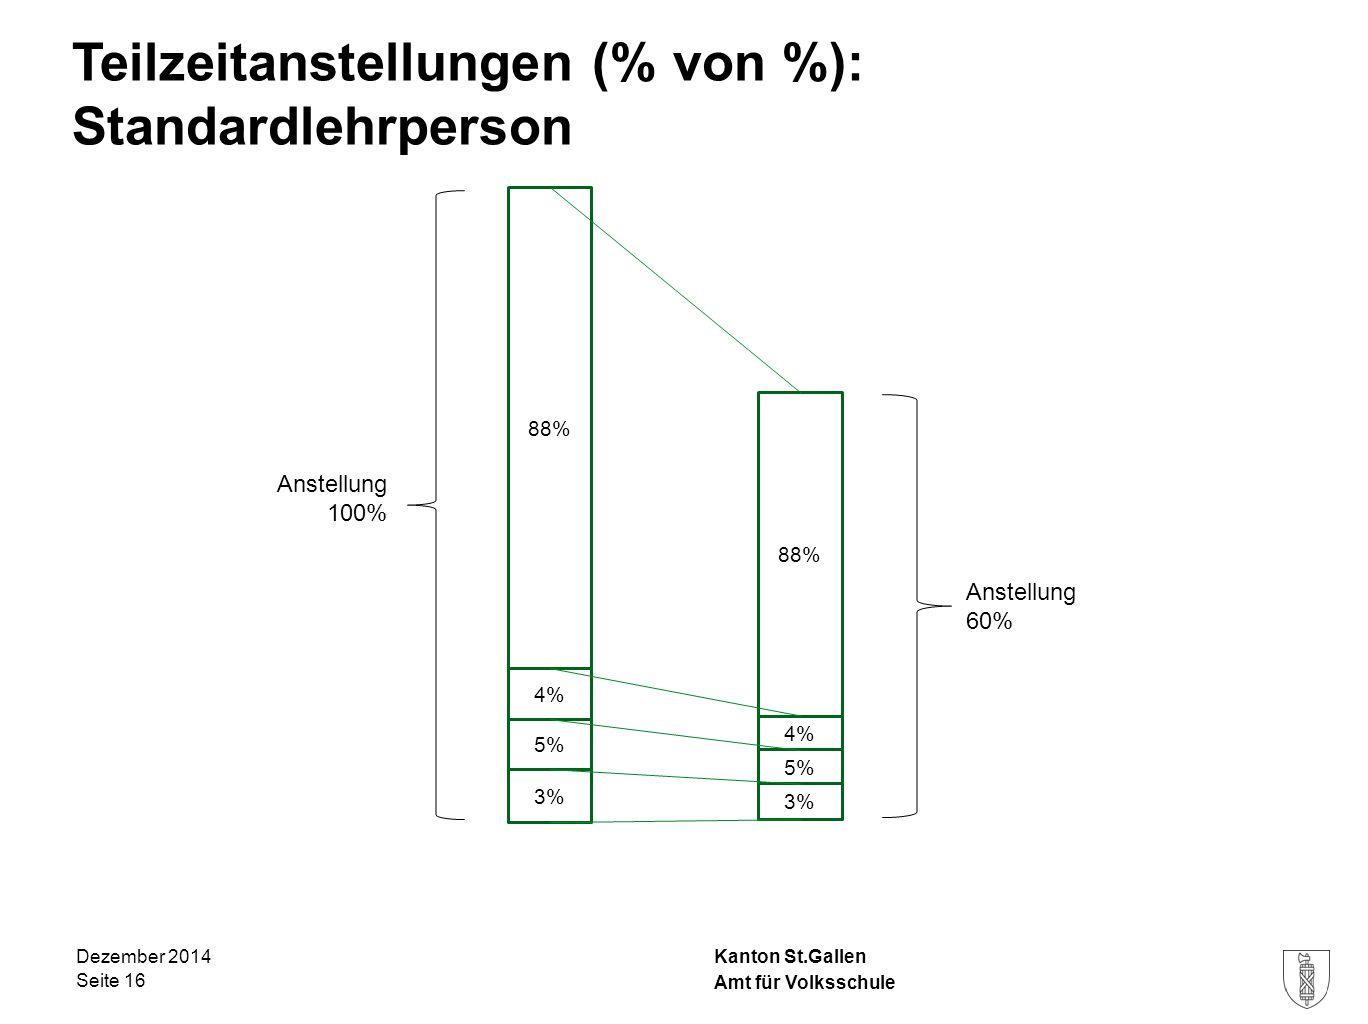 Kanton St.Gallen Teilzeitanstellungen (% von %): Standardlehrperson Dezember 2014 Seite 16 4% 88% 5% 3% Anstellung 100% 4% 88% 5% 3% Anstellung 60% Am